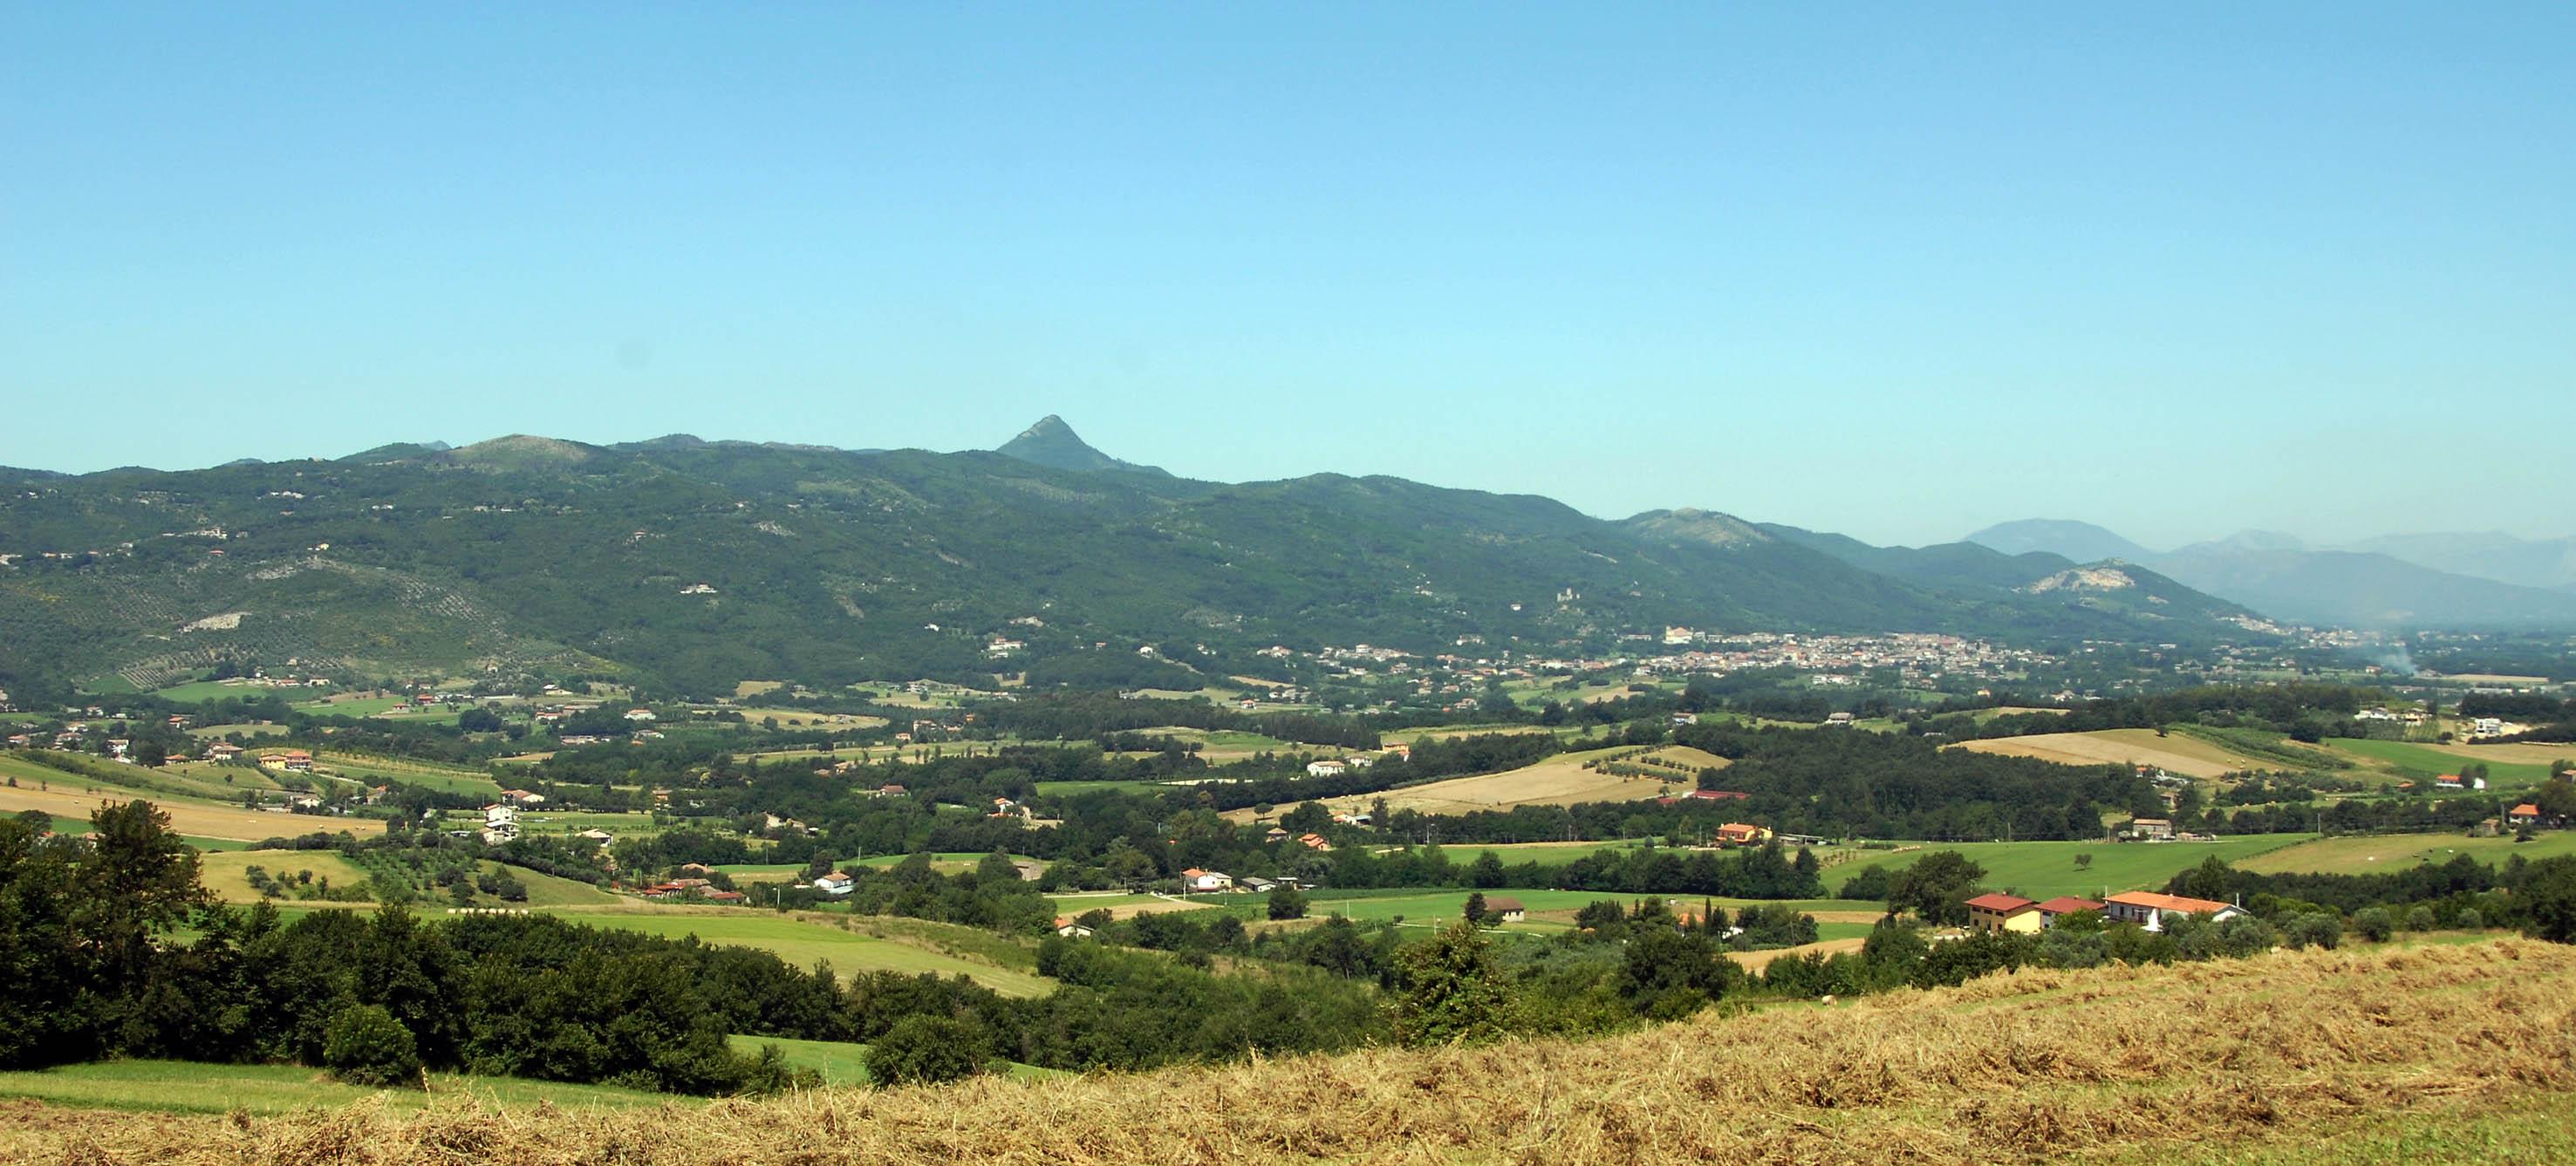 Veduta dei Monti Trebulani, la catena montuosa a cui appartiene il Monte Maggiore